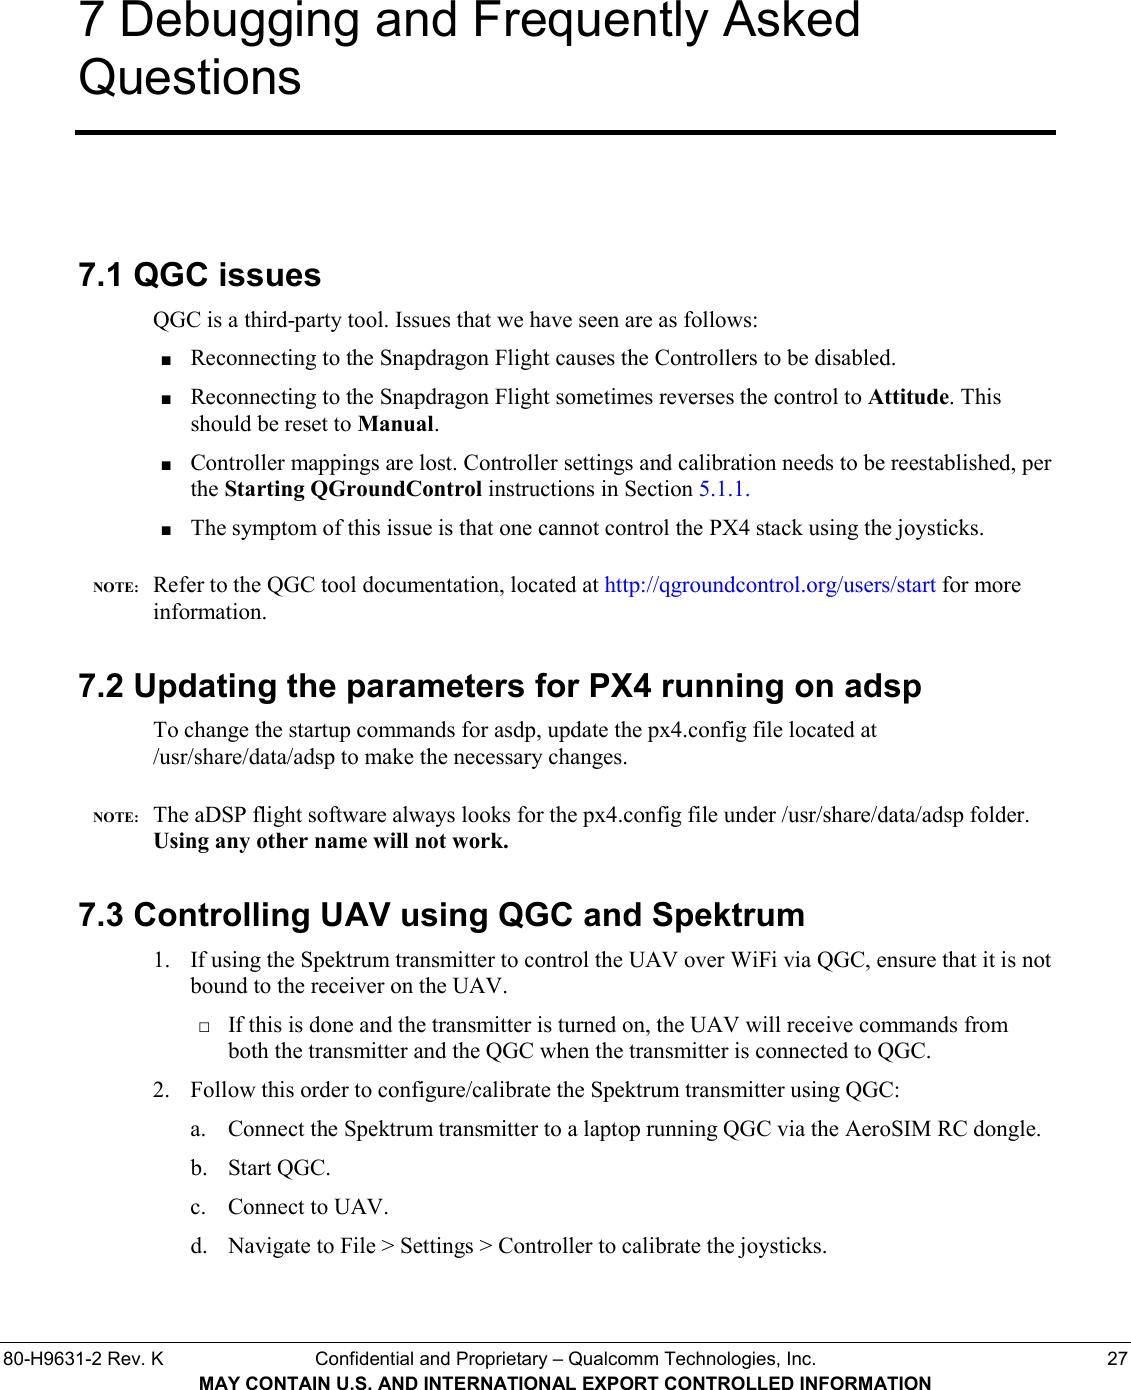 PX4 User Guide For Qualcomm® Snapdragon Flight™ Qualcomm Flight